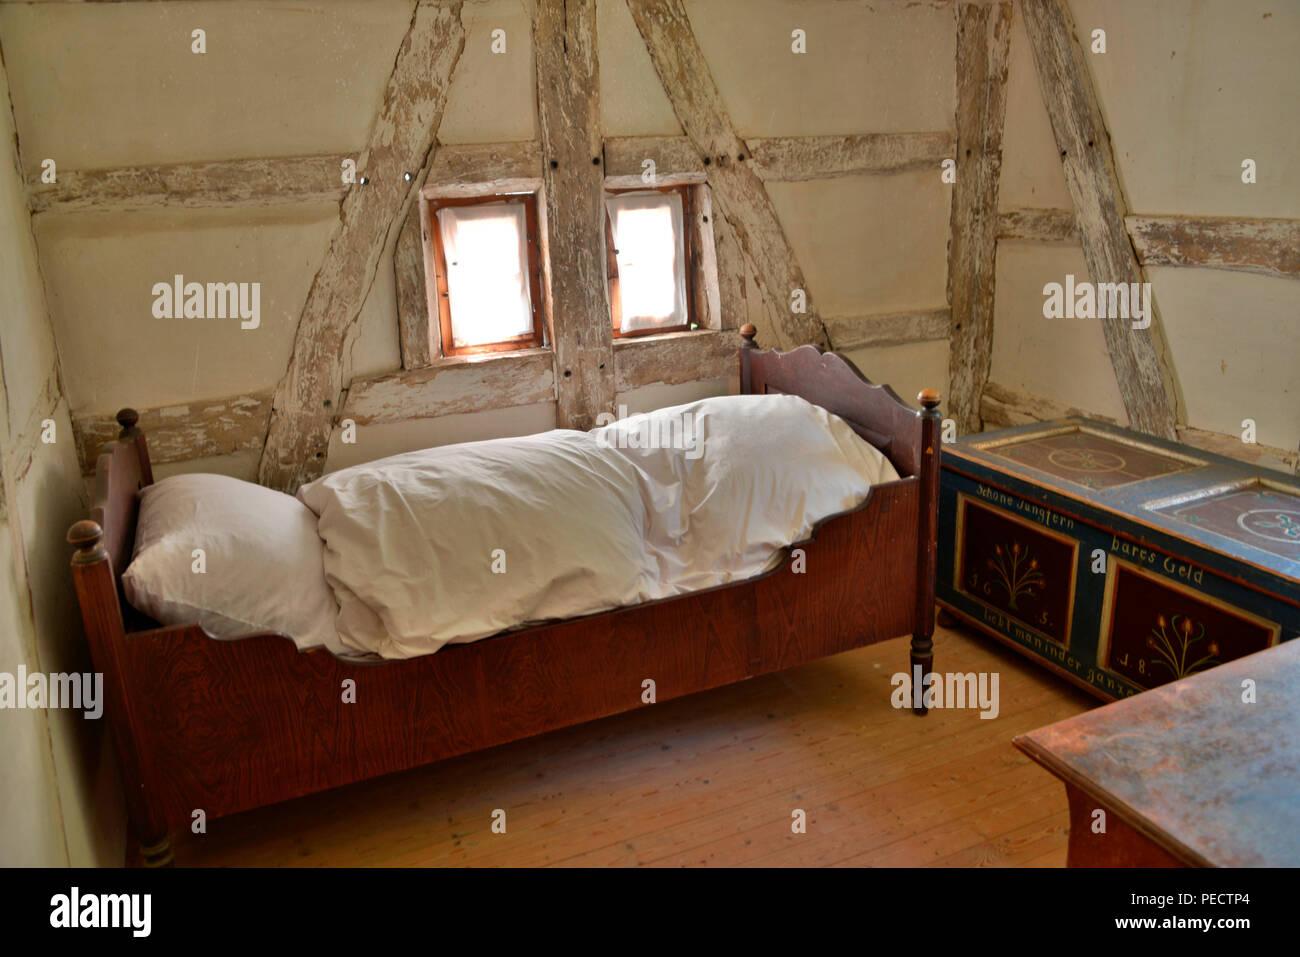 Schlafzimmer, Wassermuehle, Freilichtmuseum, Vessra, Thueringen, Deutschland - Stock Image